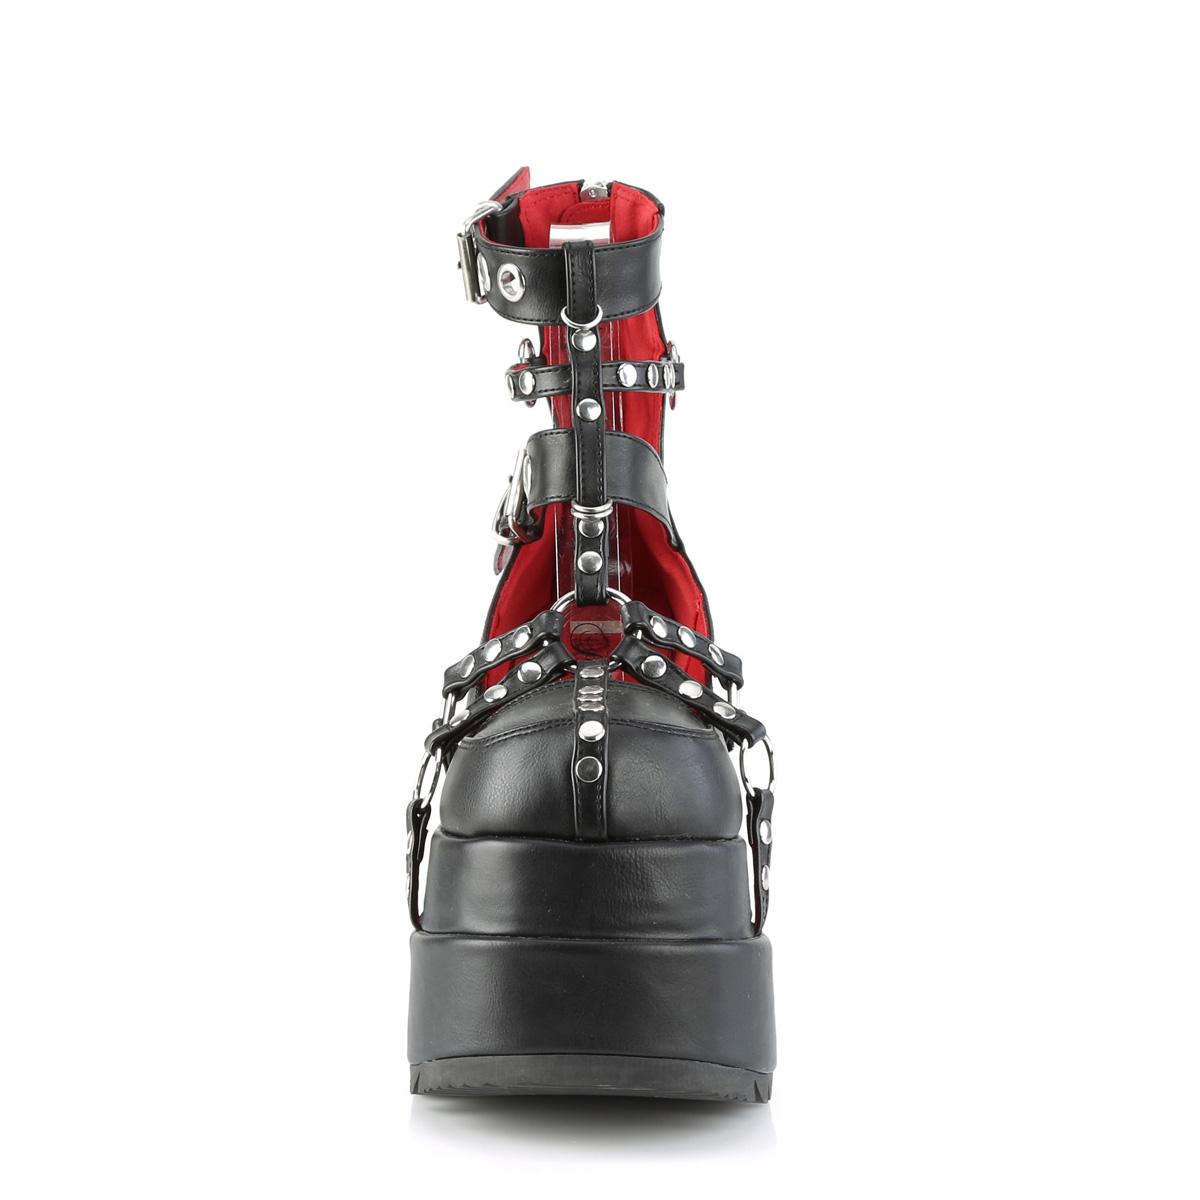 Demonia(デモニア) BEAR-28 2層厚底 ケージブーティ メタルバックZIP つや消し黒◆取り寄せ